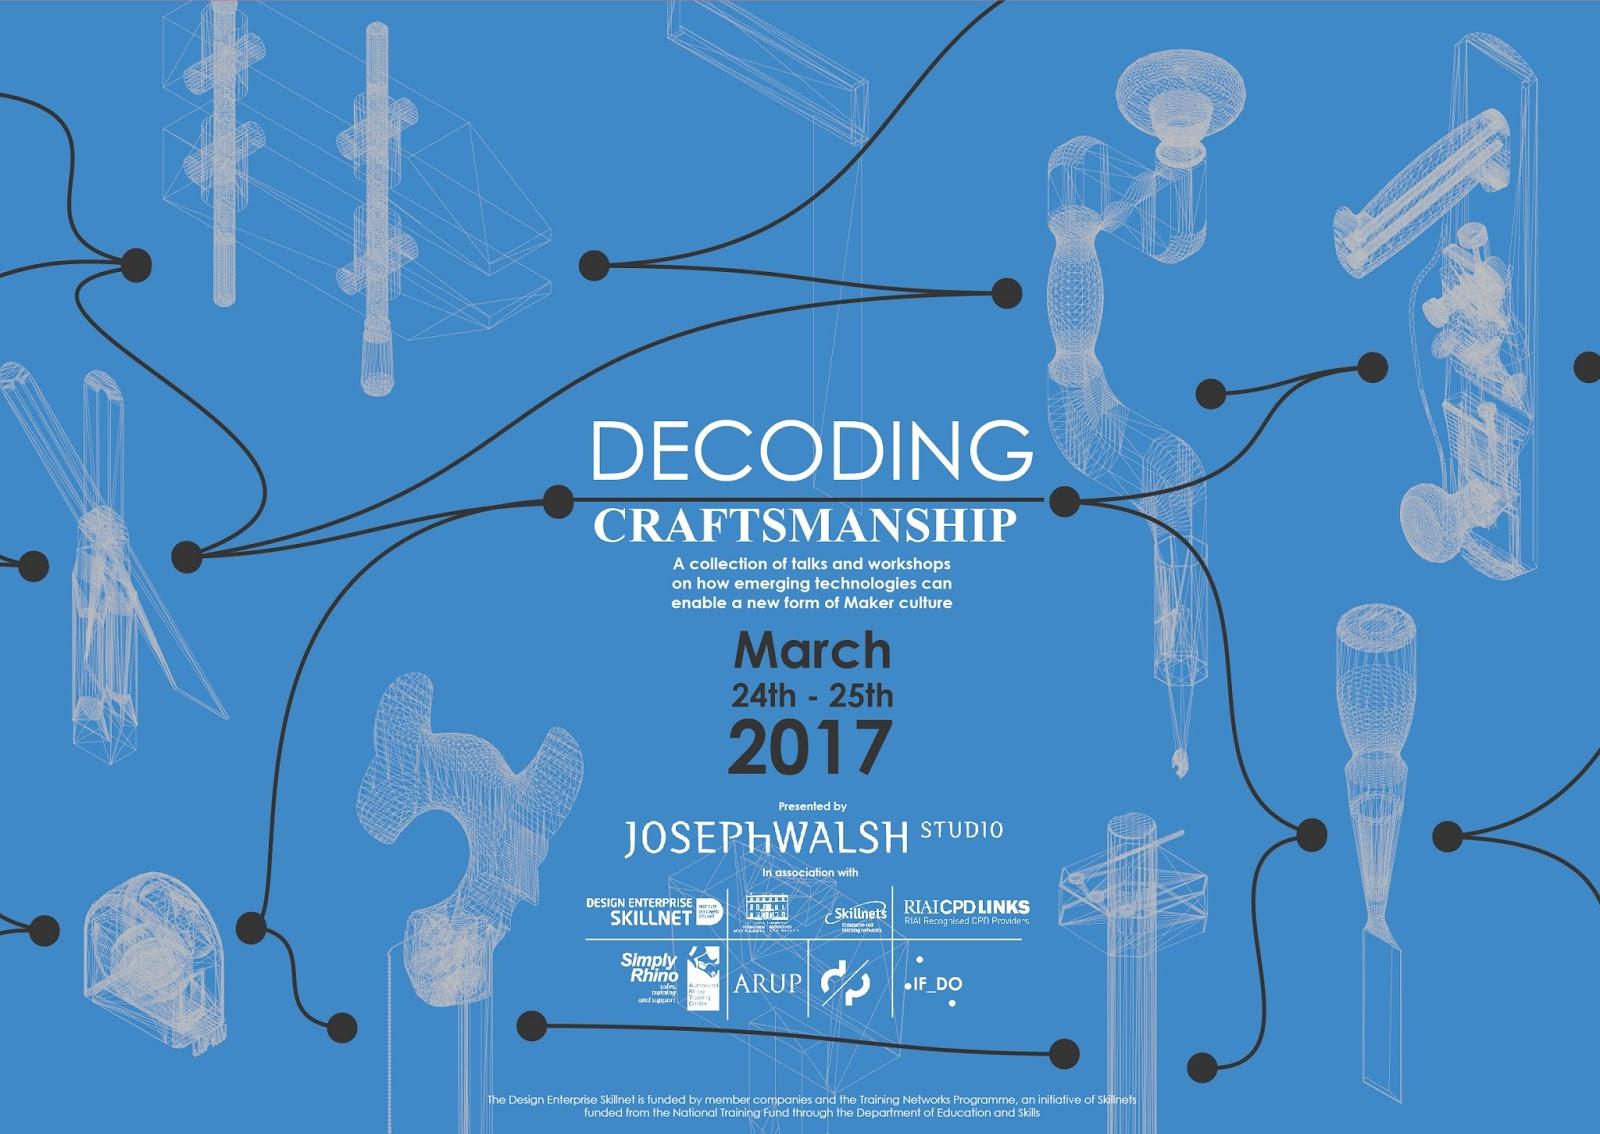 Decoding Craftsmanship landscape